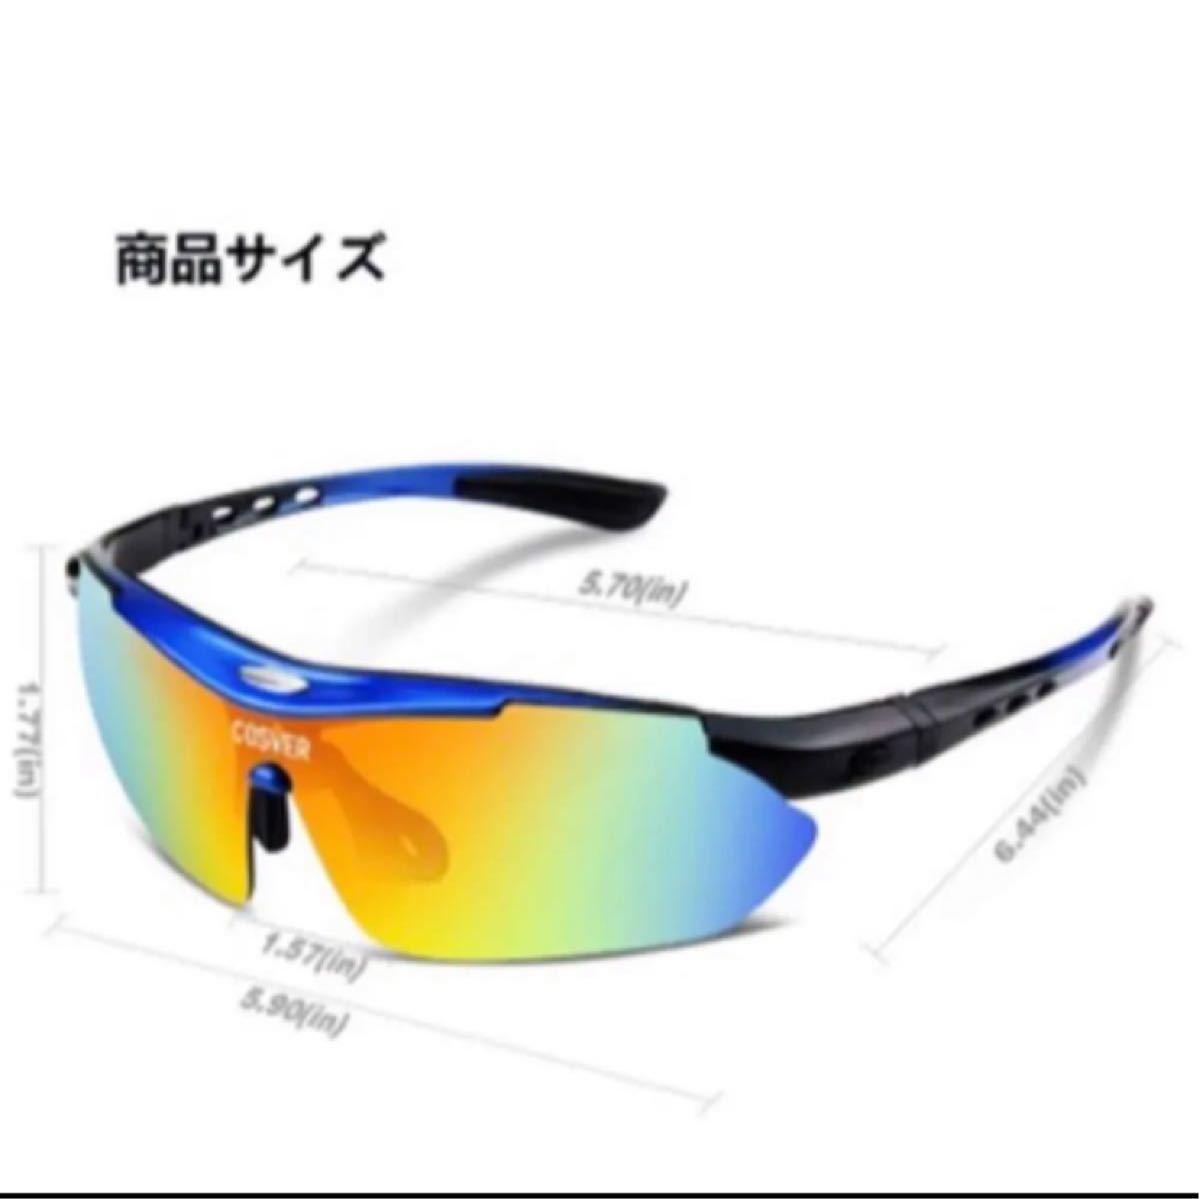 偏光 スポーツサングラス